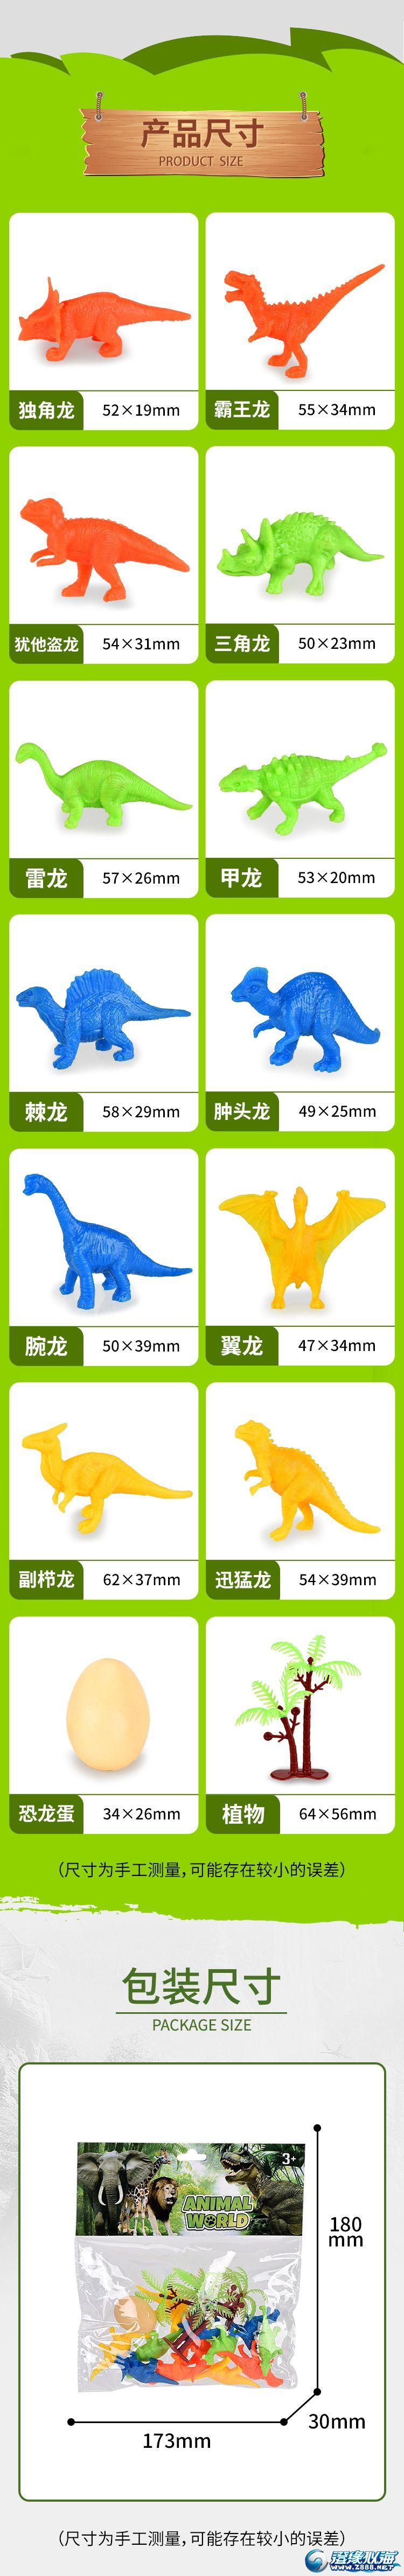 润东玩具厂-(1369A-10)-动物模型-中文版详情页_03.jpg